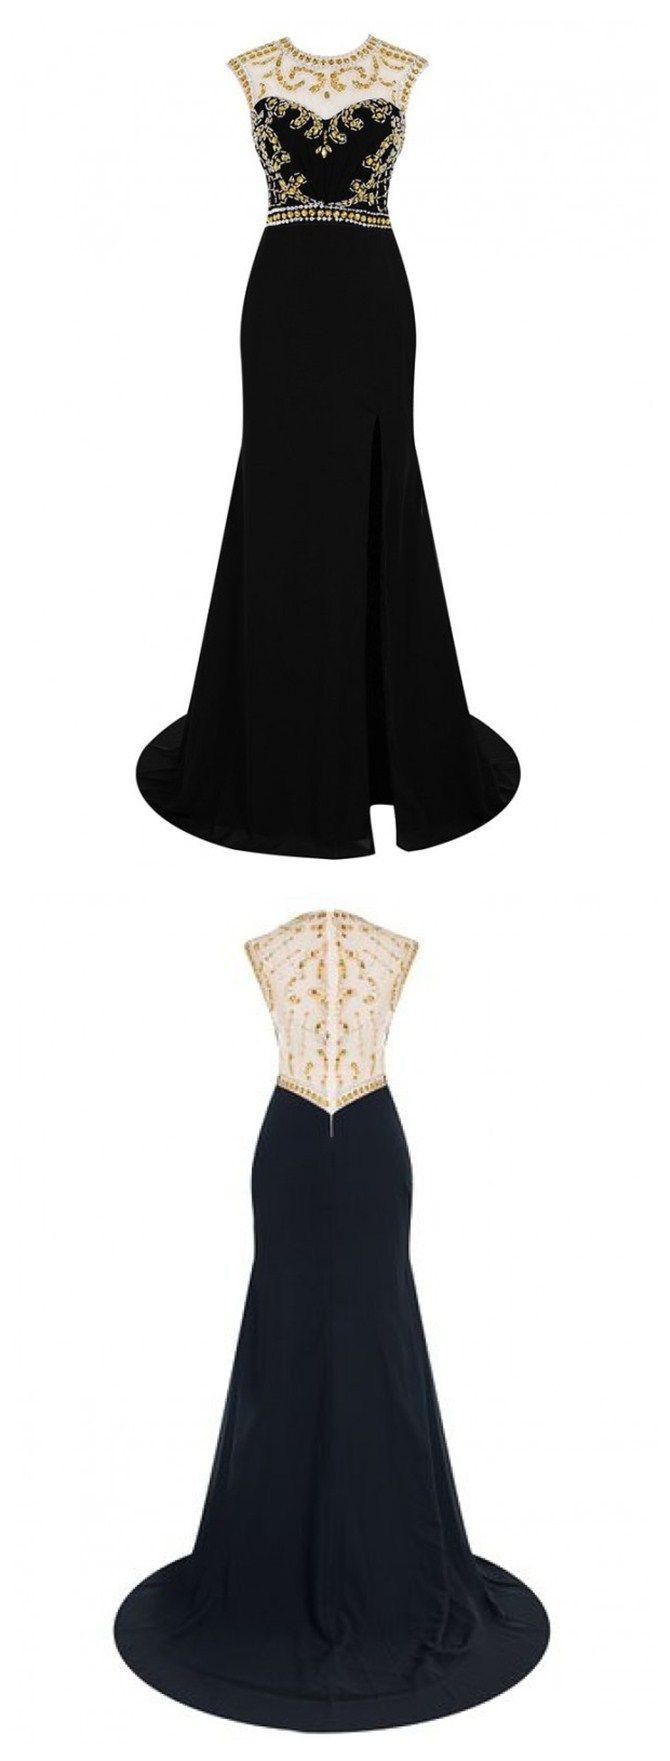 Prom Evening Dress, Eleghant Scoop Prom Dress, Sleeveless Prom Dress, Sweep Train Evening Dress, Black Split Prom Evening Dress